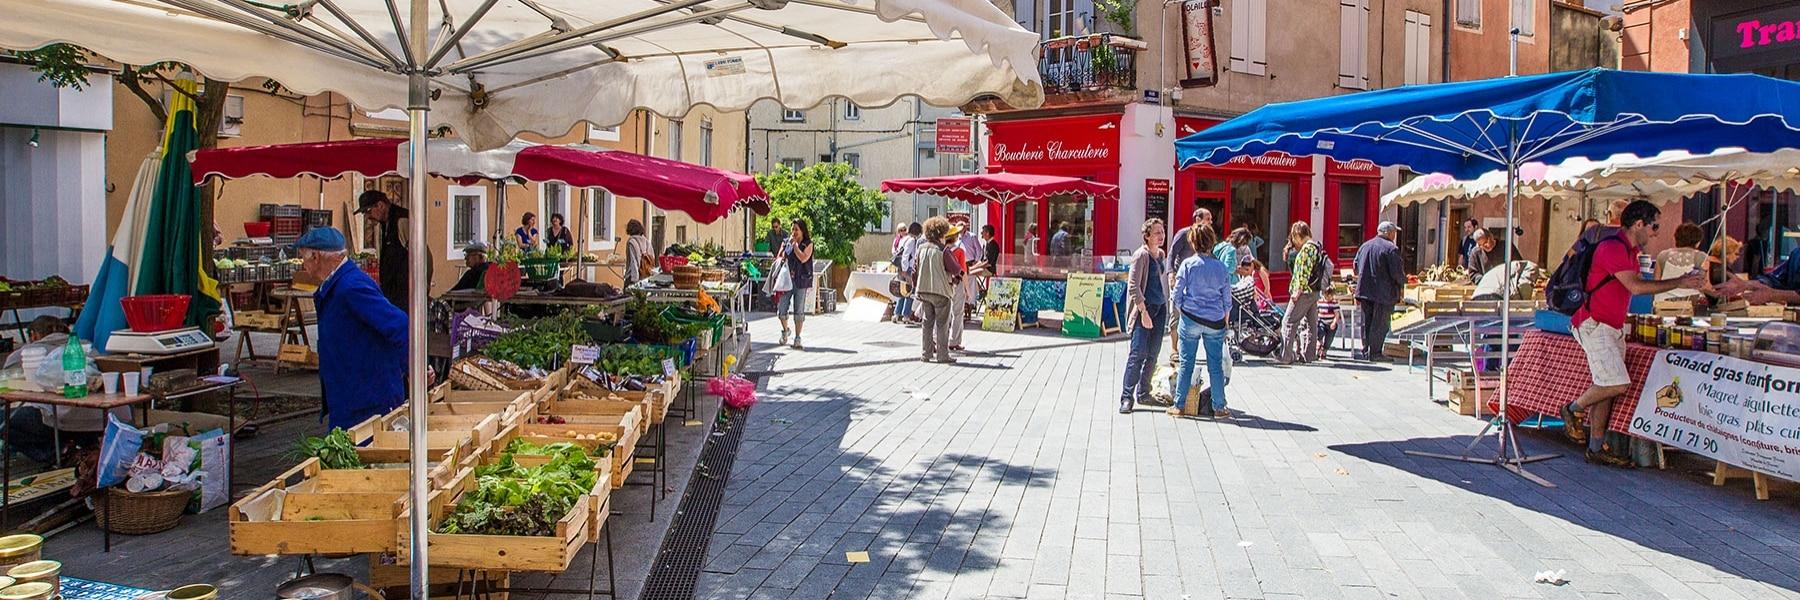 Gastronomie, Produkte der Region und Erzeugermärkte